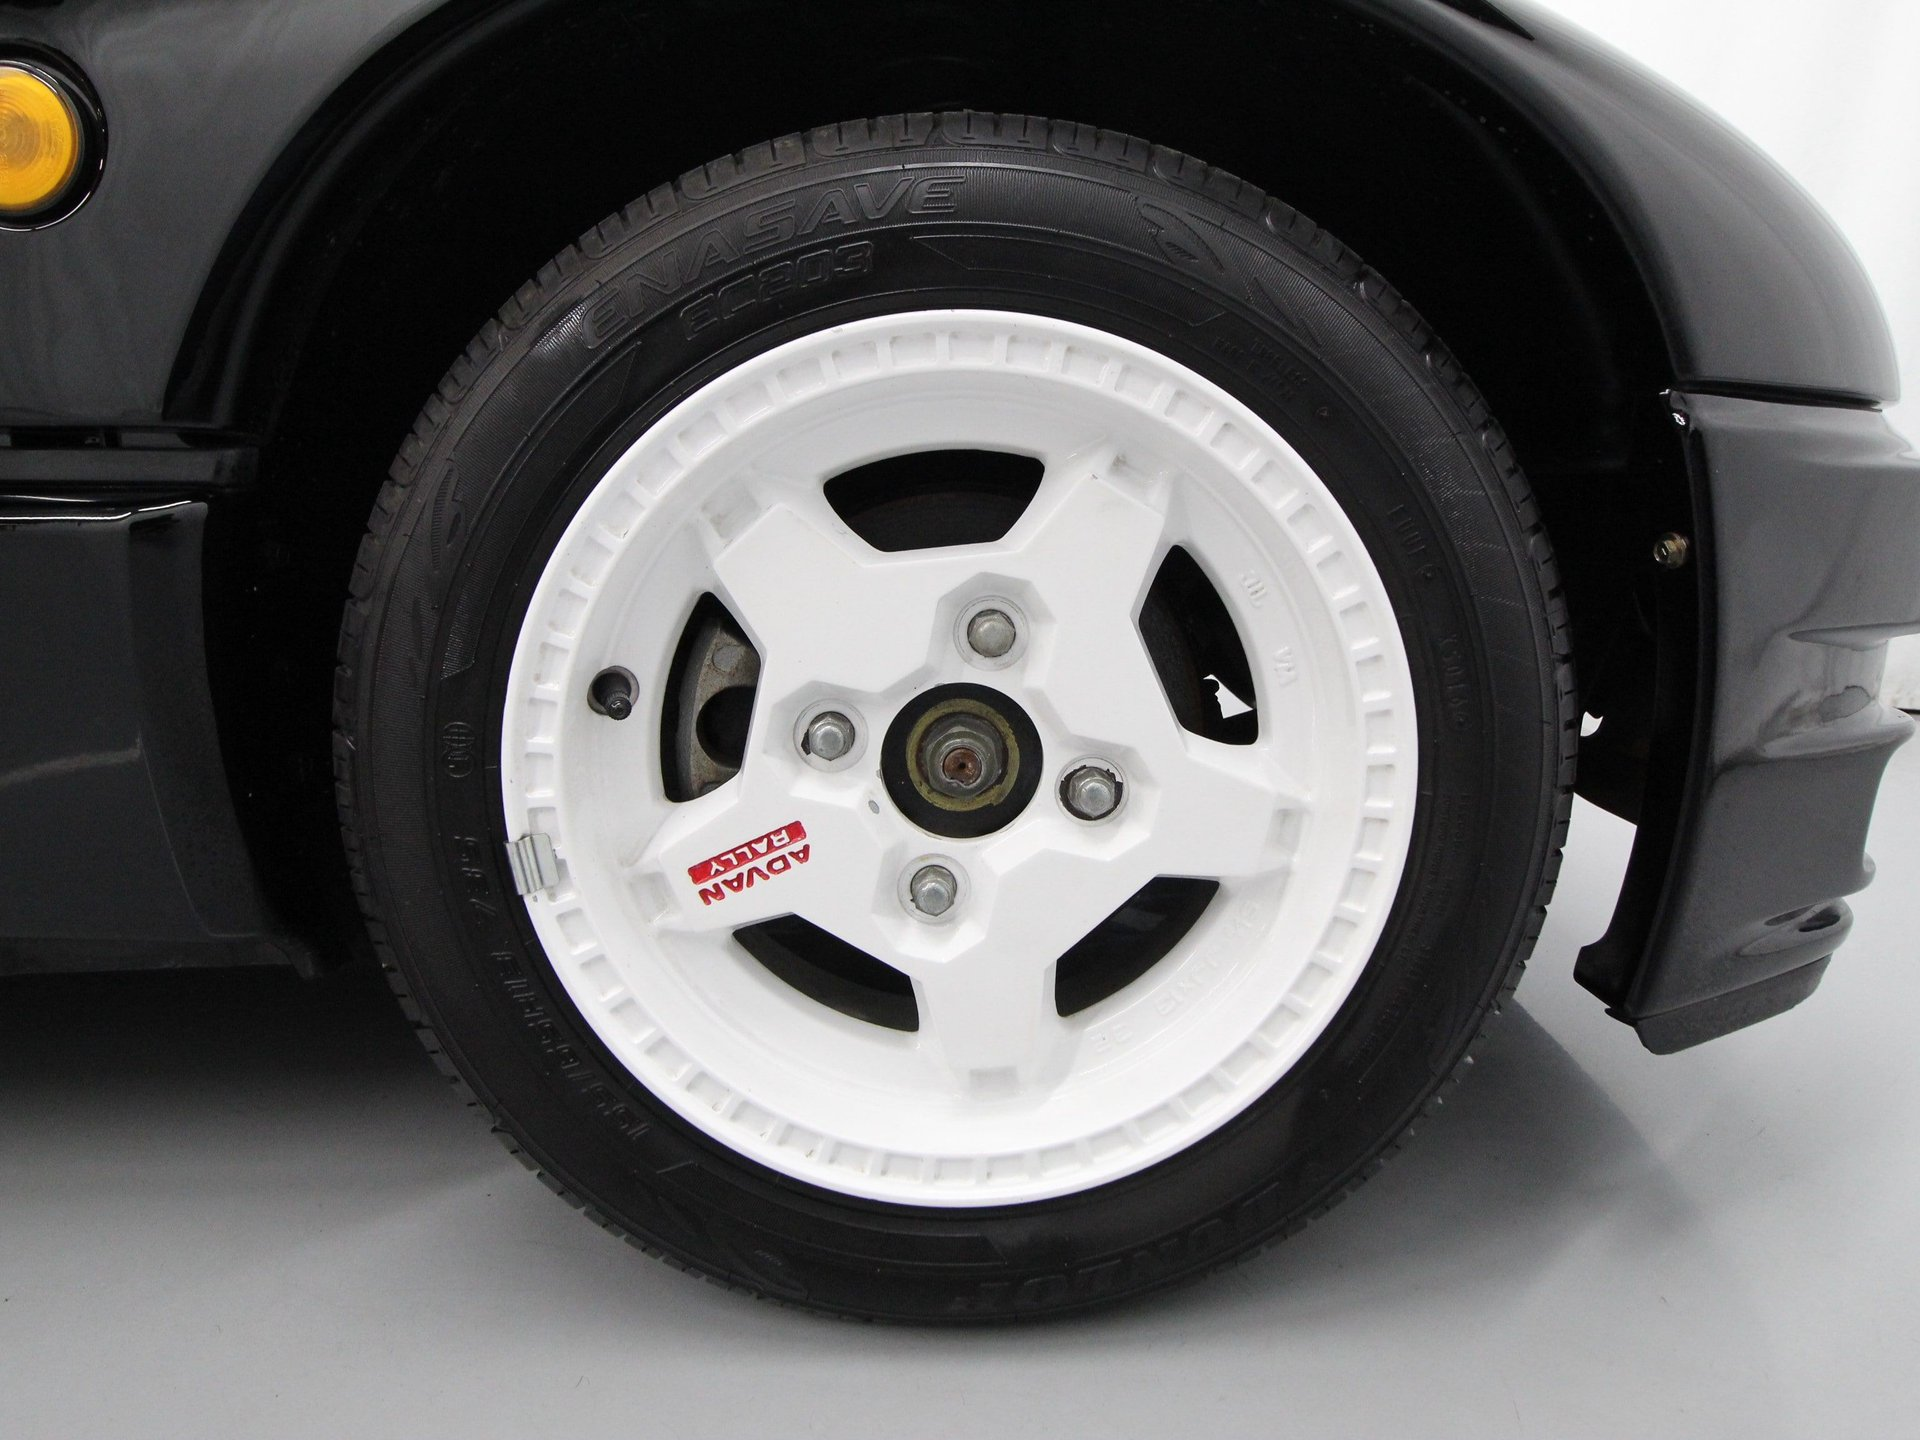 1993 Autozam AZ-1